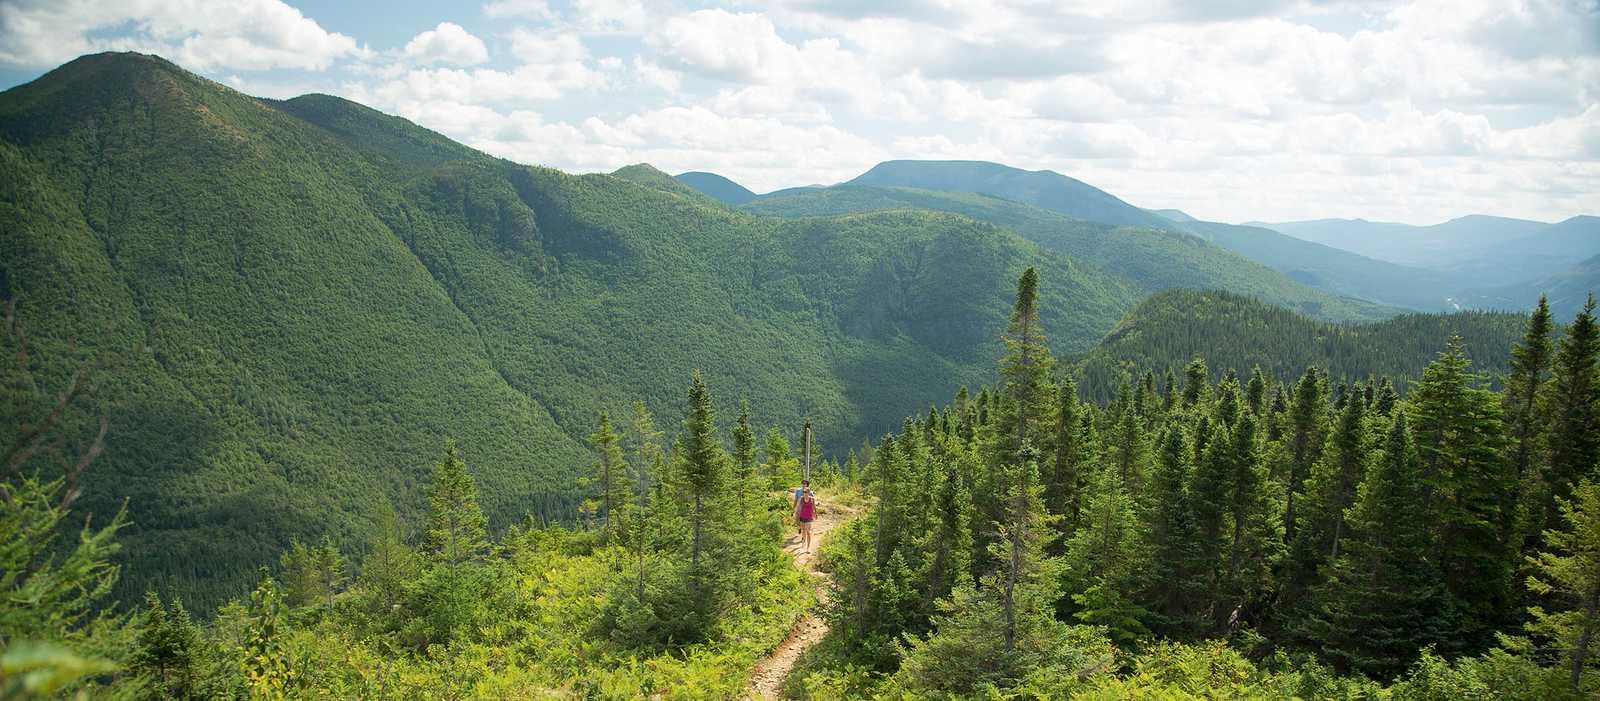 Wandern im Parc National de la Gaspésie in der Nähe des Le Gite-du-Mont-Albert